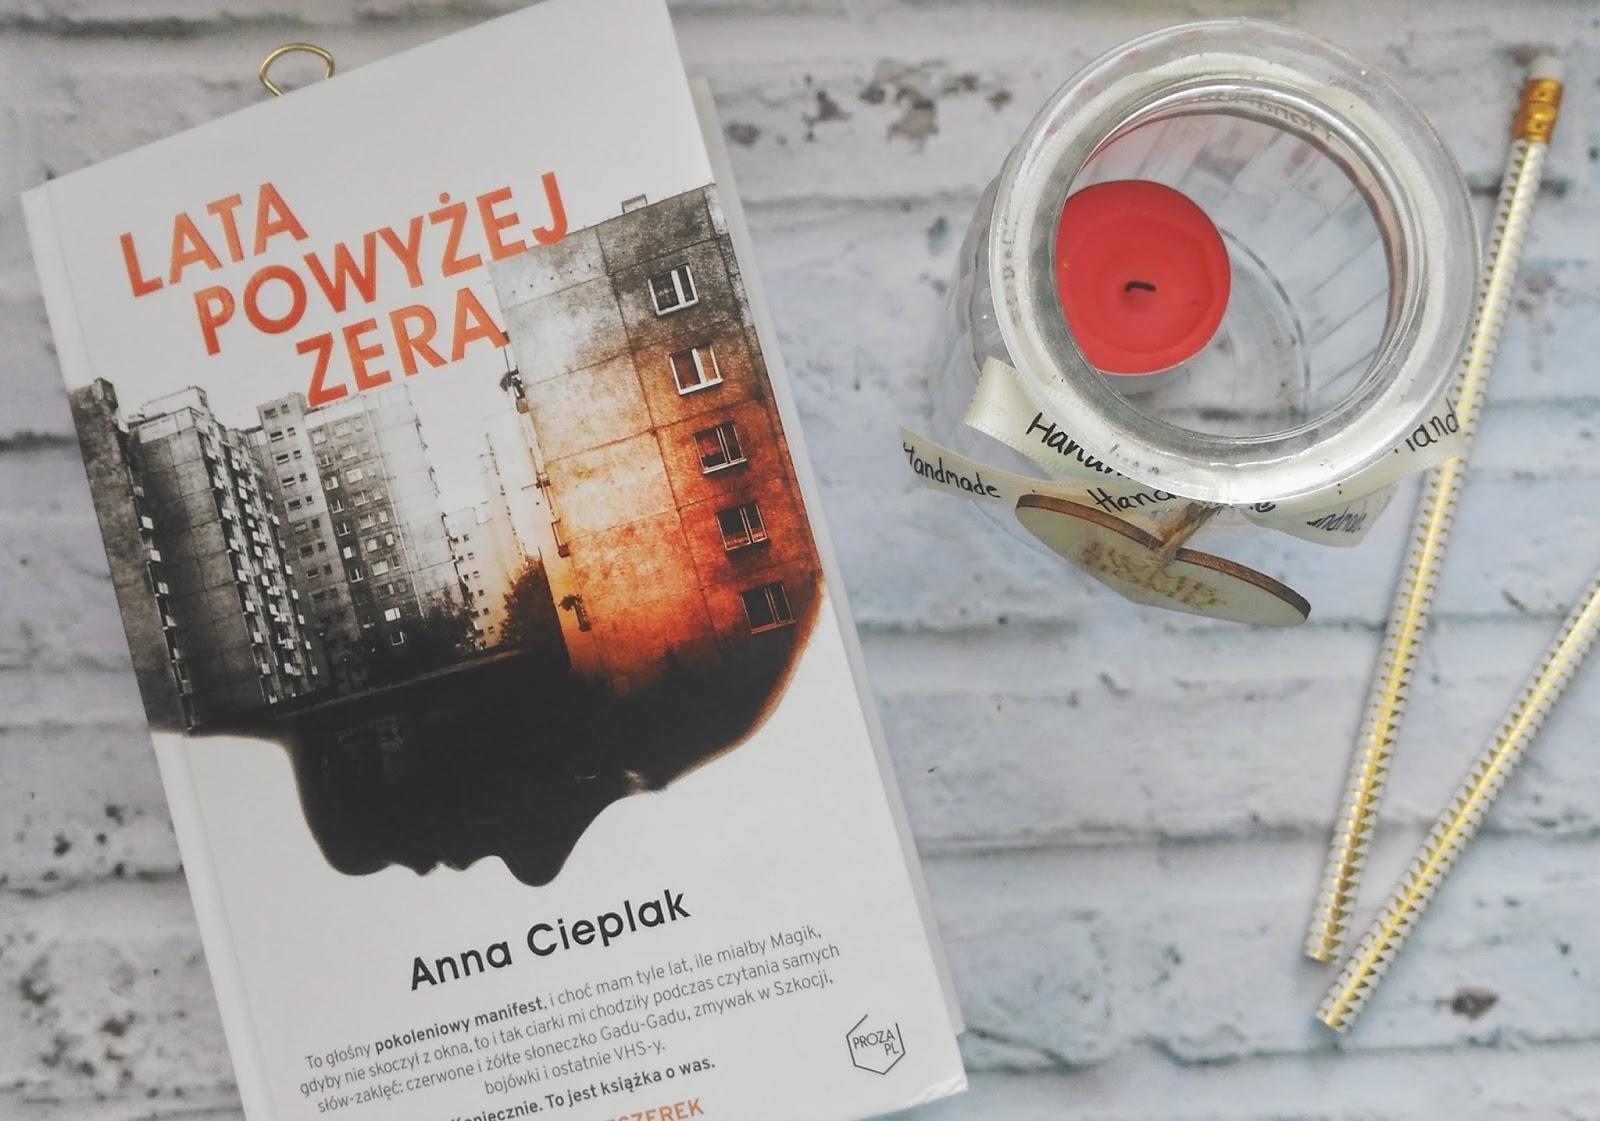 Lata powyżej zera,  Anna Cieplak- recenzja